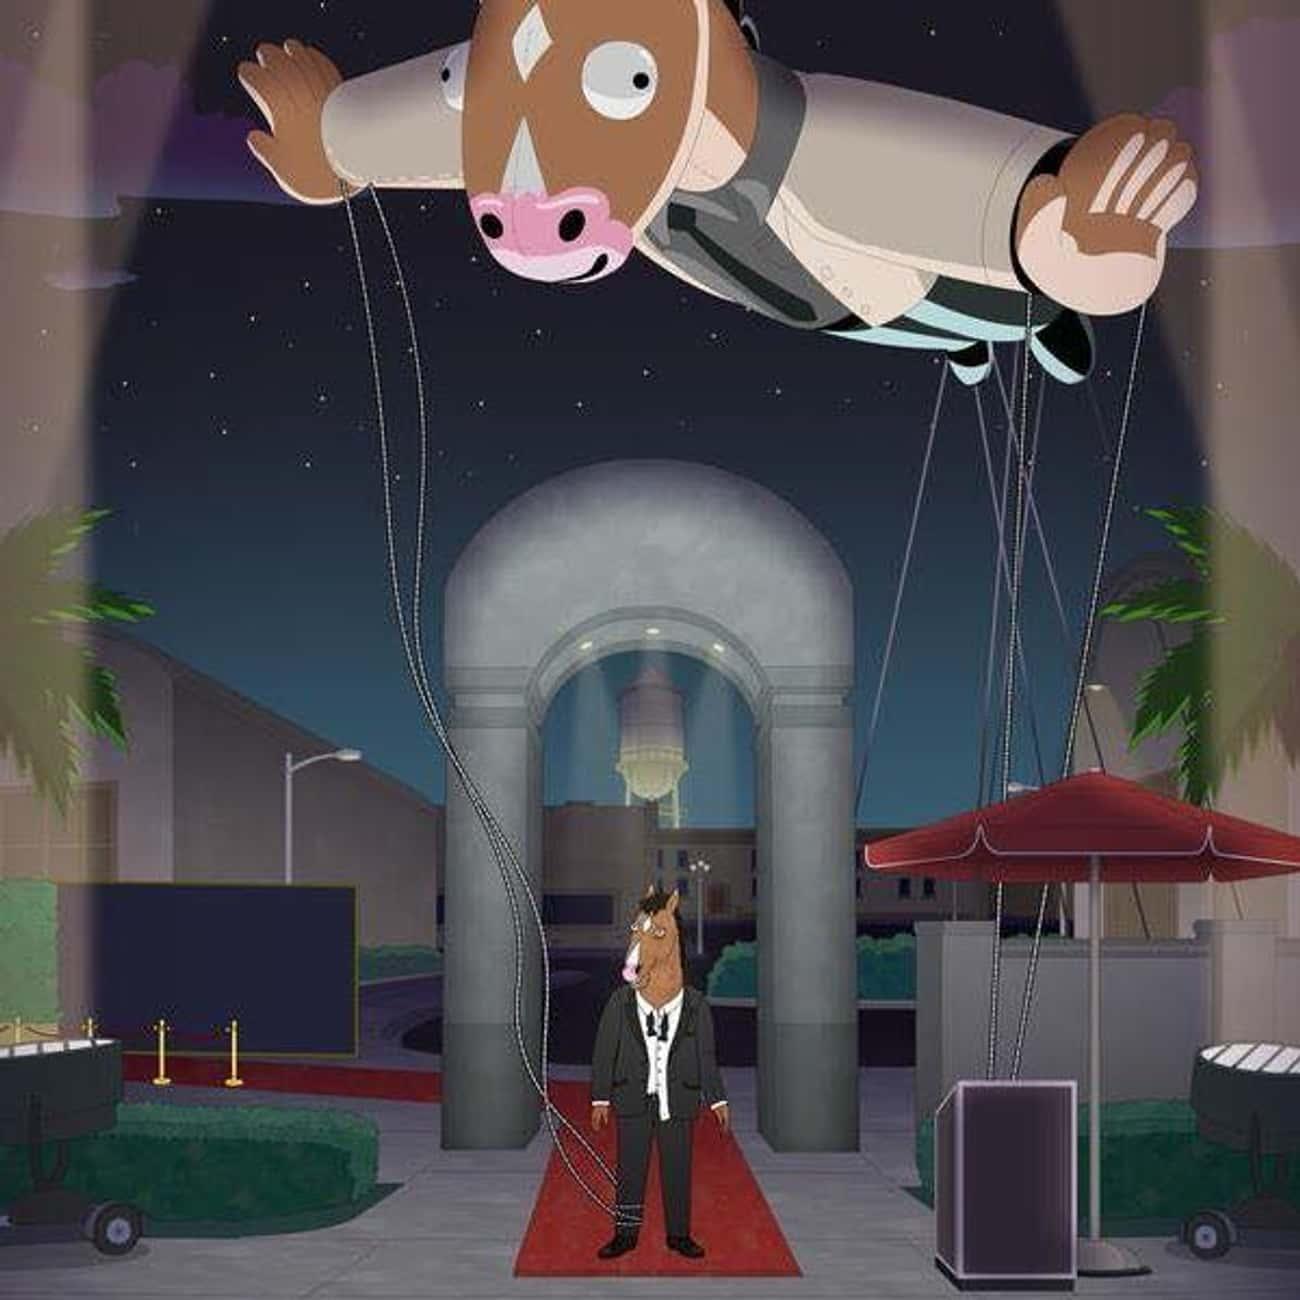 BoJack Horseman - Season 5 is listed (or ranked) 4 on the list Ranking the Best Seasons of 'BoJack Horseman'